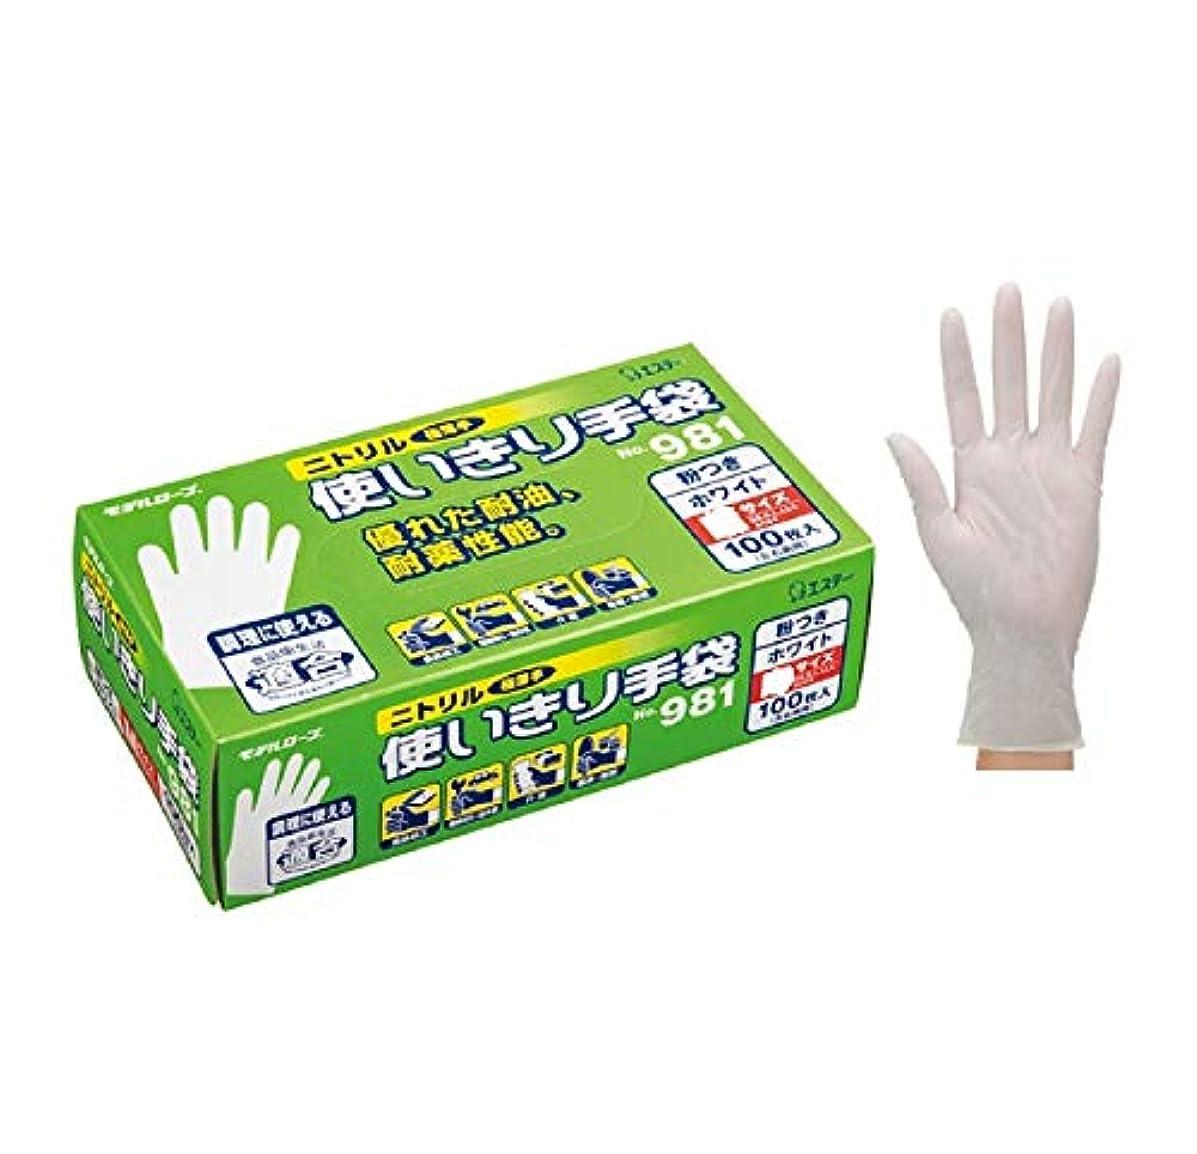 シャベルカリキュラムシミュレートするエステー ニトリル手袋/作業用手袋 [粉付 No981/S 12箱]